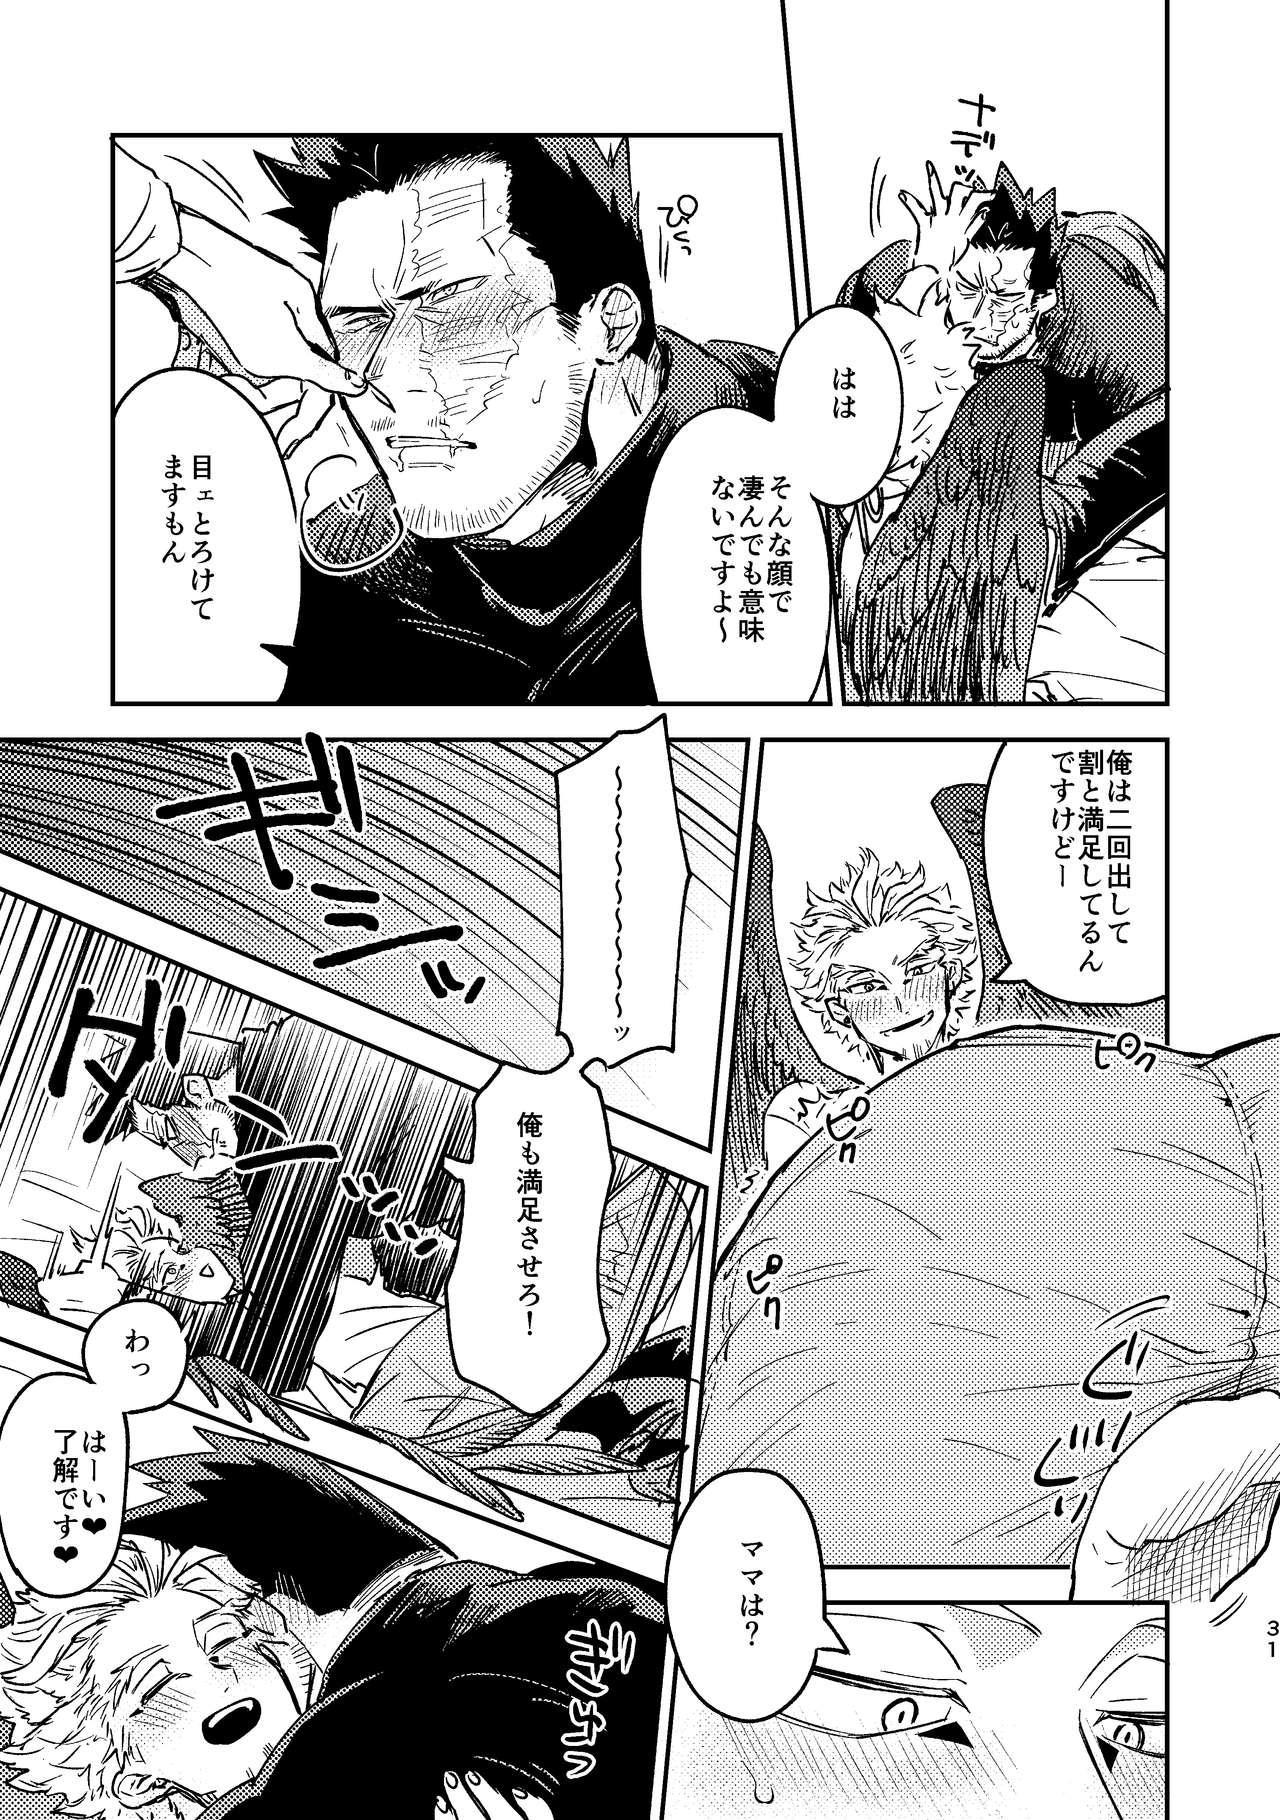 WEB Sairoku Zumi HawEn Manga ga Kami demo Yomeru Hon. 30